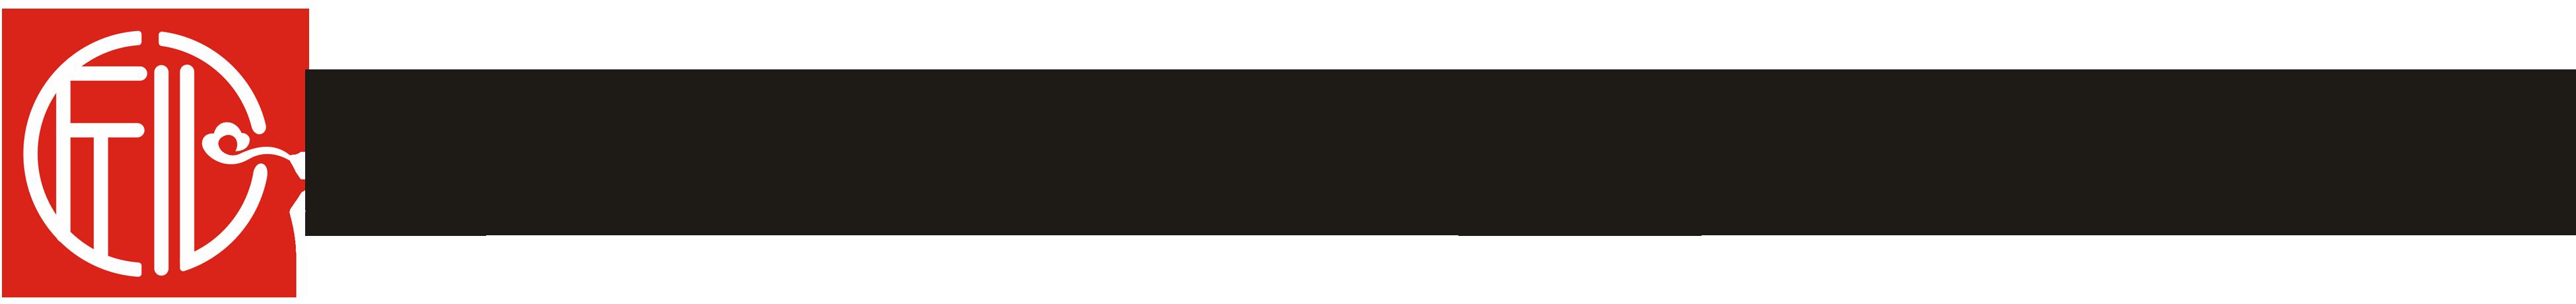 山东匠心网络服务有限公司